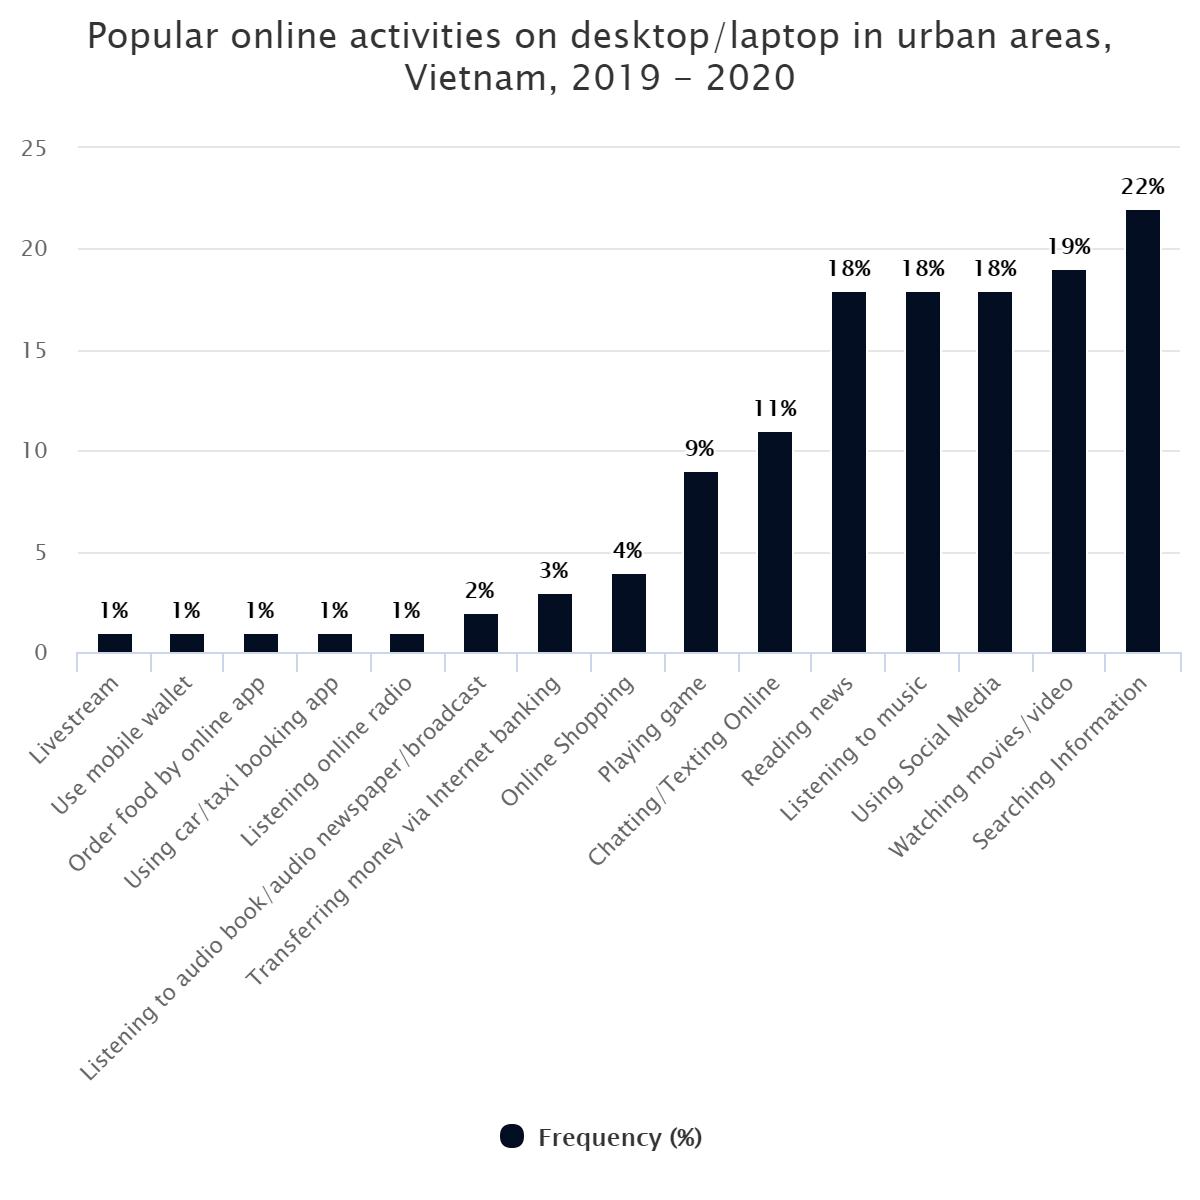 Popular online activities on desktop/laptop in urban areas, Vietnam, 2019 – 2020